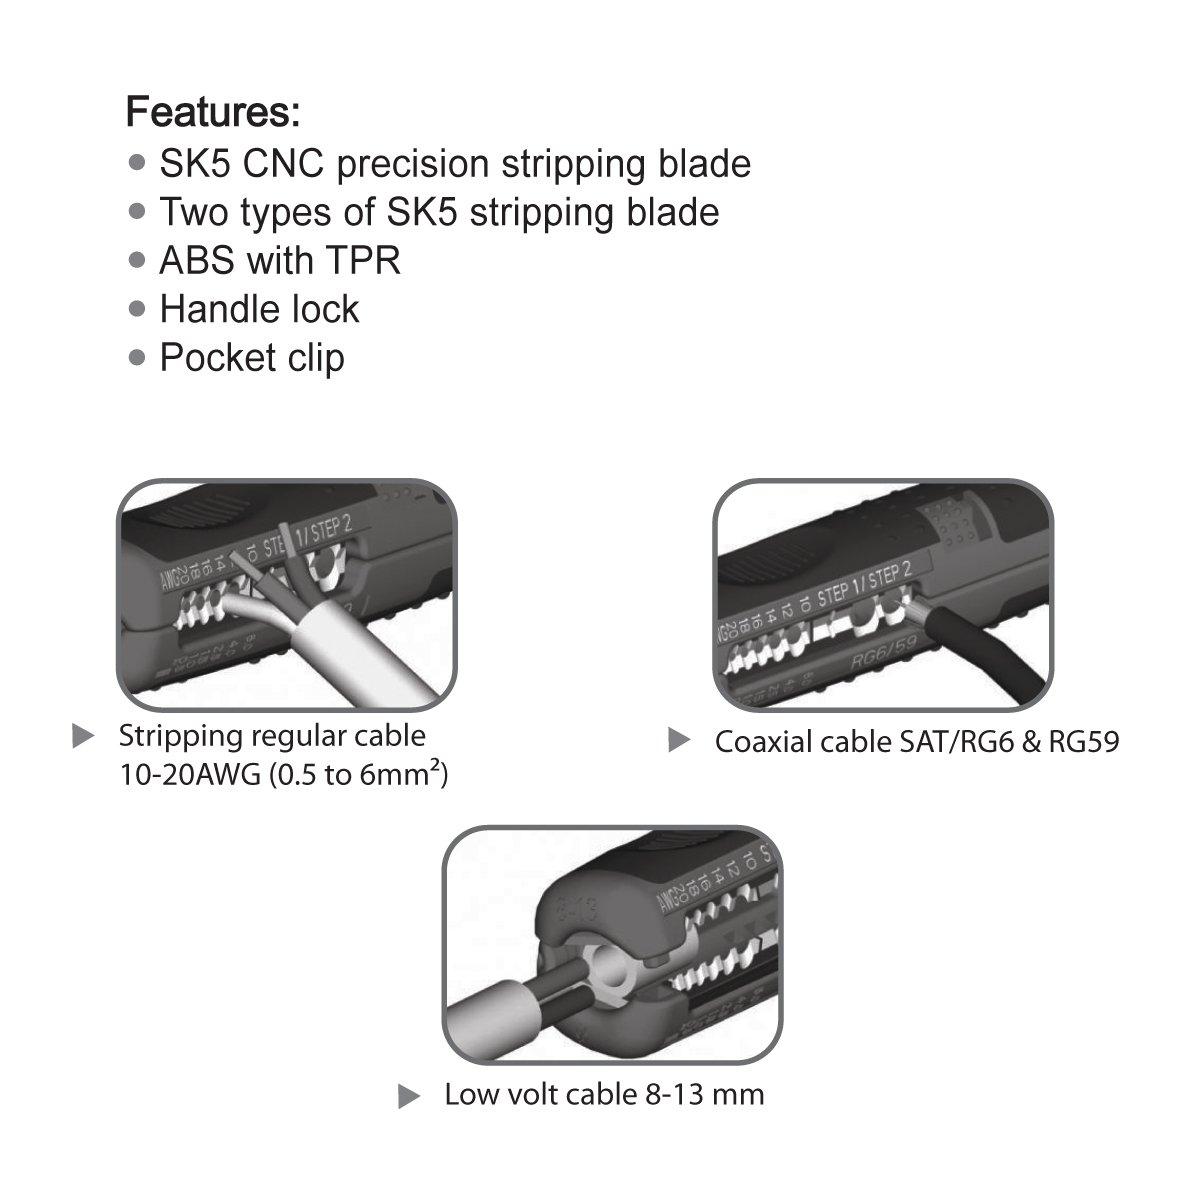 c/âble basse tension universel 8-13mm c/âble 10-20 AWG outil de d/égainage. S/&R D/énudeur Pince /à d/énuder de pr/écision SAT // RG6 et RG59